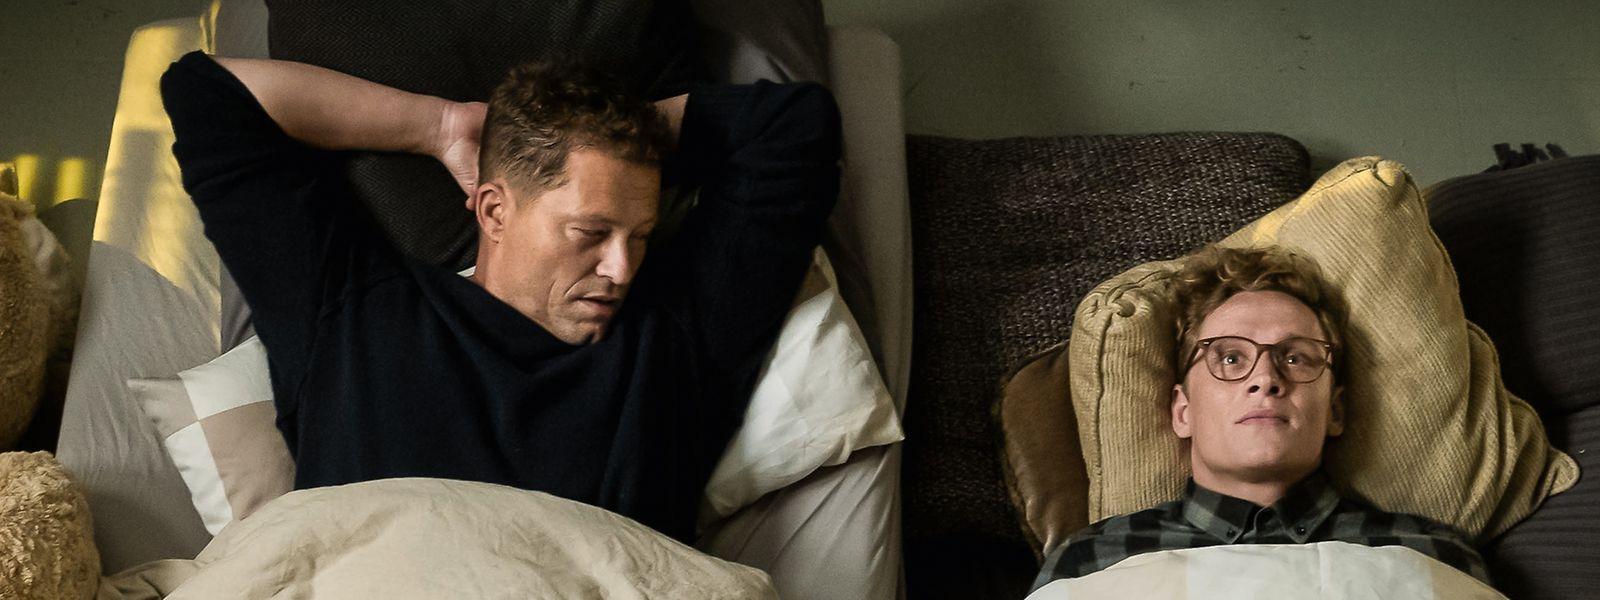 """Til Schweiger als Luke (l.) und Matthias Schweighöfer als Theo in einer Szene des Films """"Hot Dog""""."""